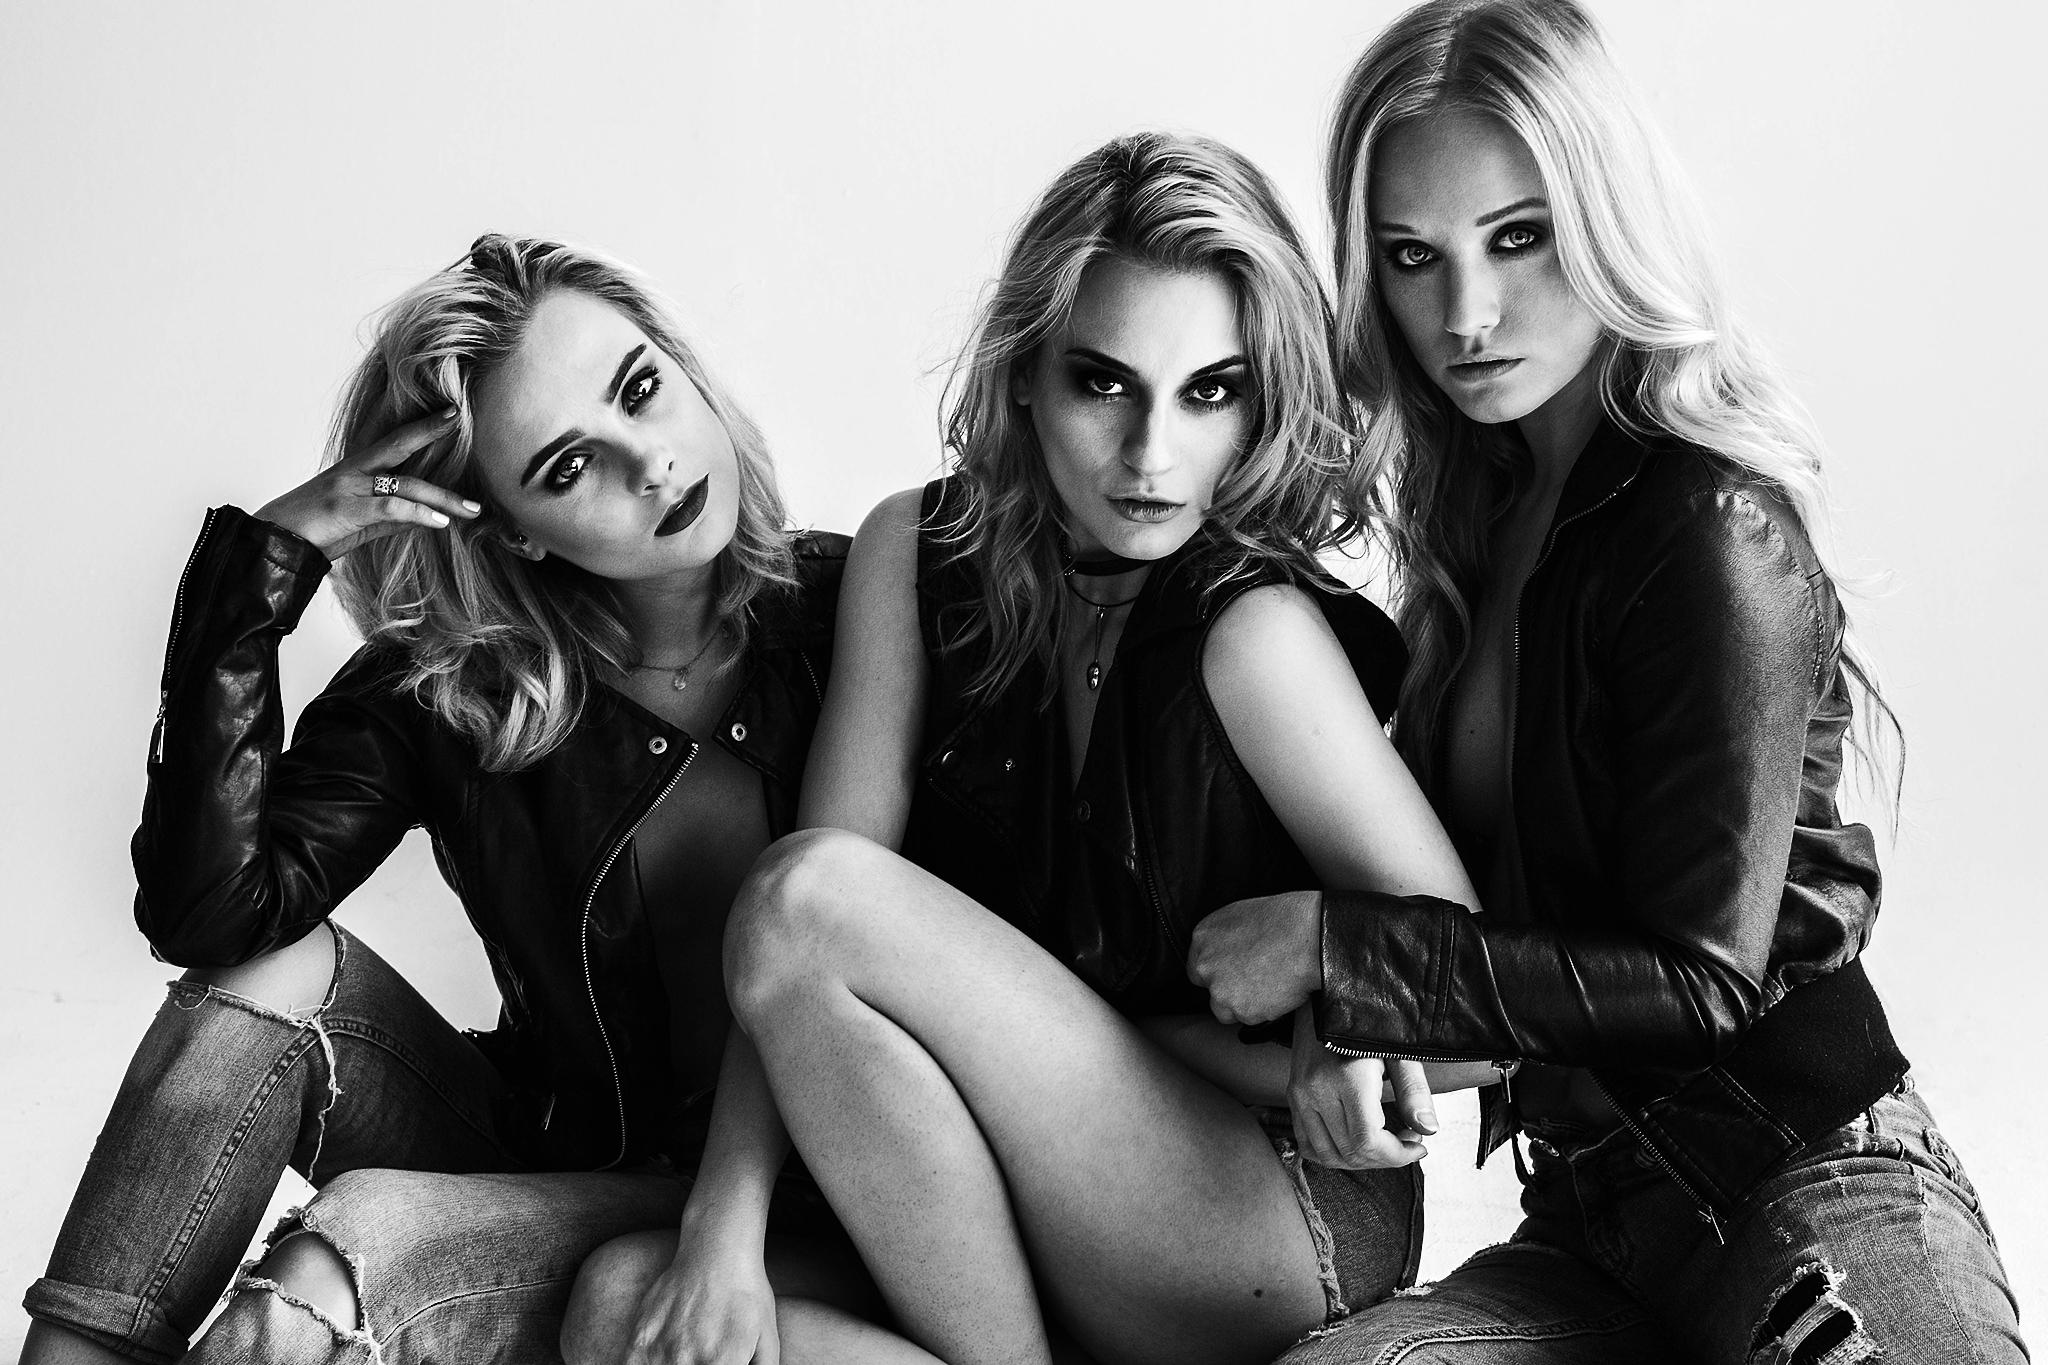 Grace Dwyer, Jelena, & Emily Wade by Thomas Sawyer